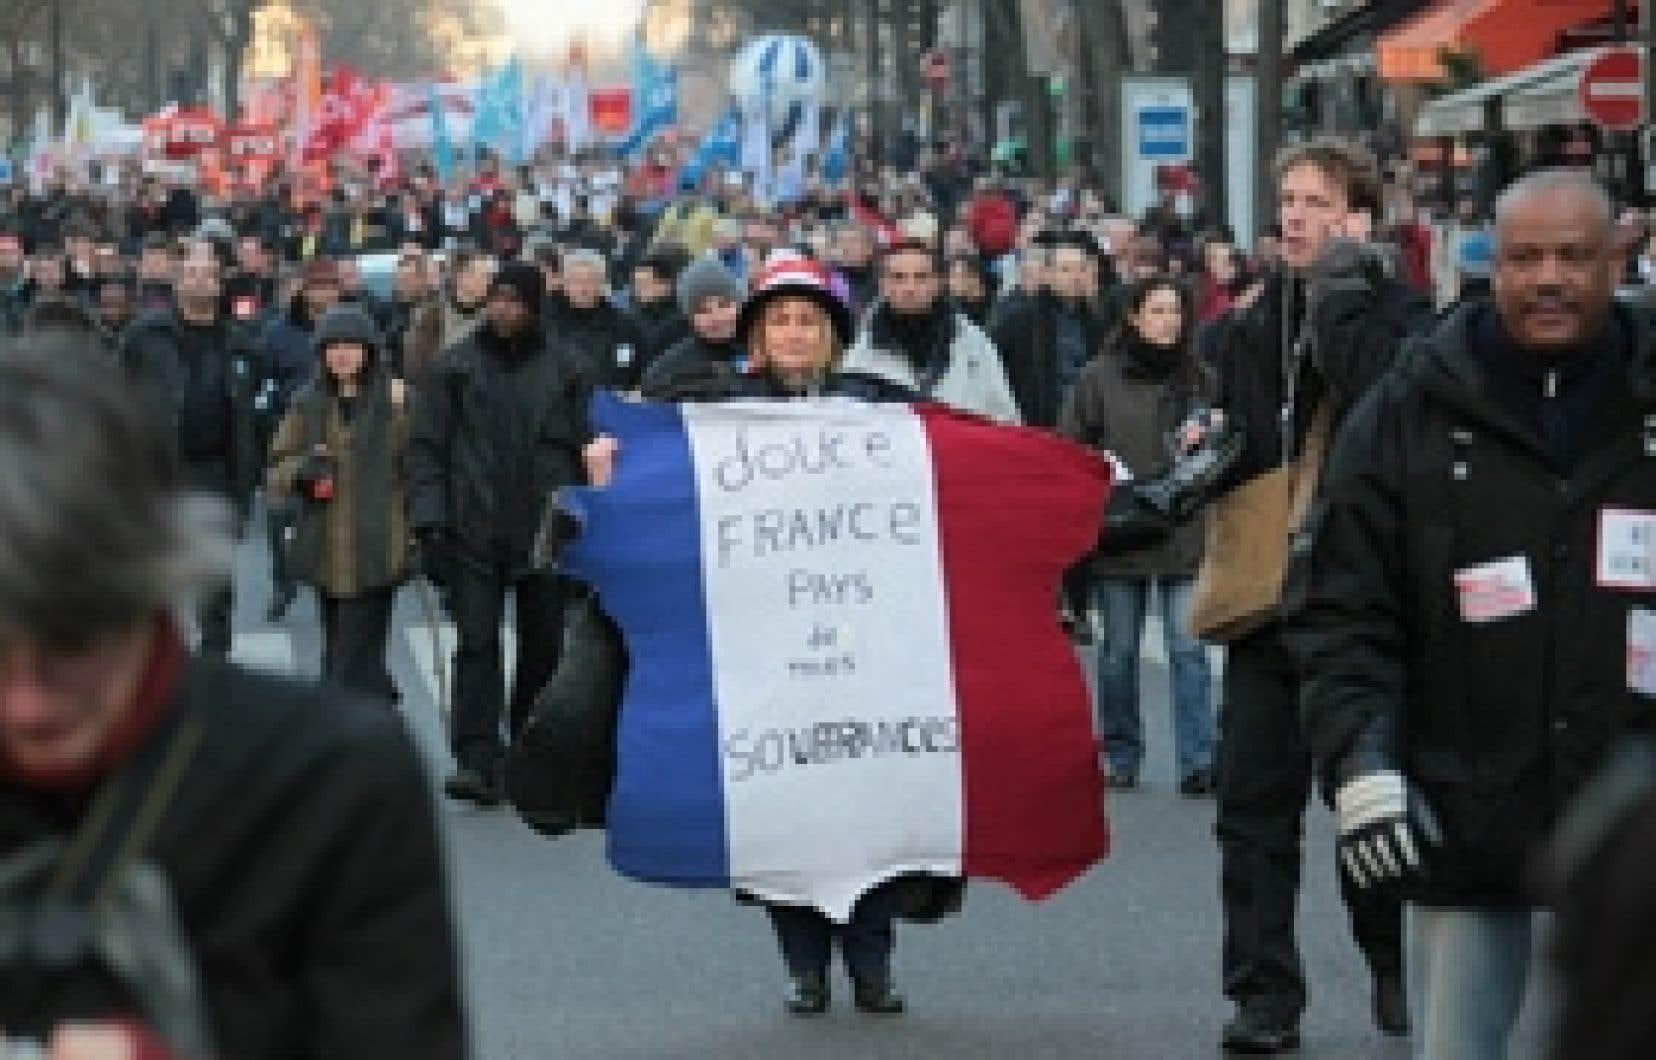 Quelque 300 000 personnes selon les syndicats, ont manifesté hier dans les rues de Paris. Le mouvement a été suivi dans près de 200 autres villes.